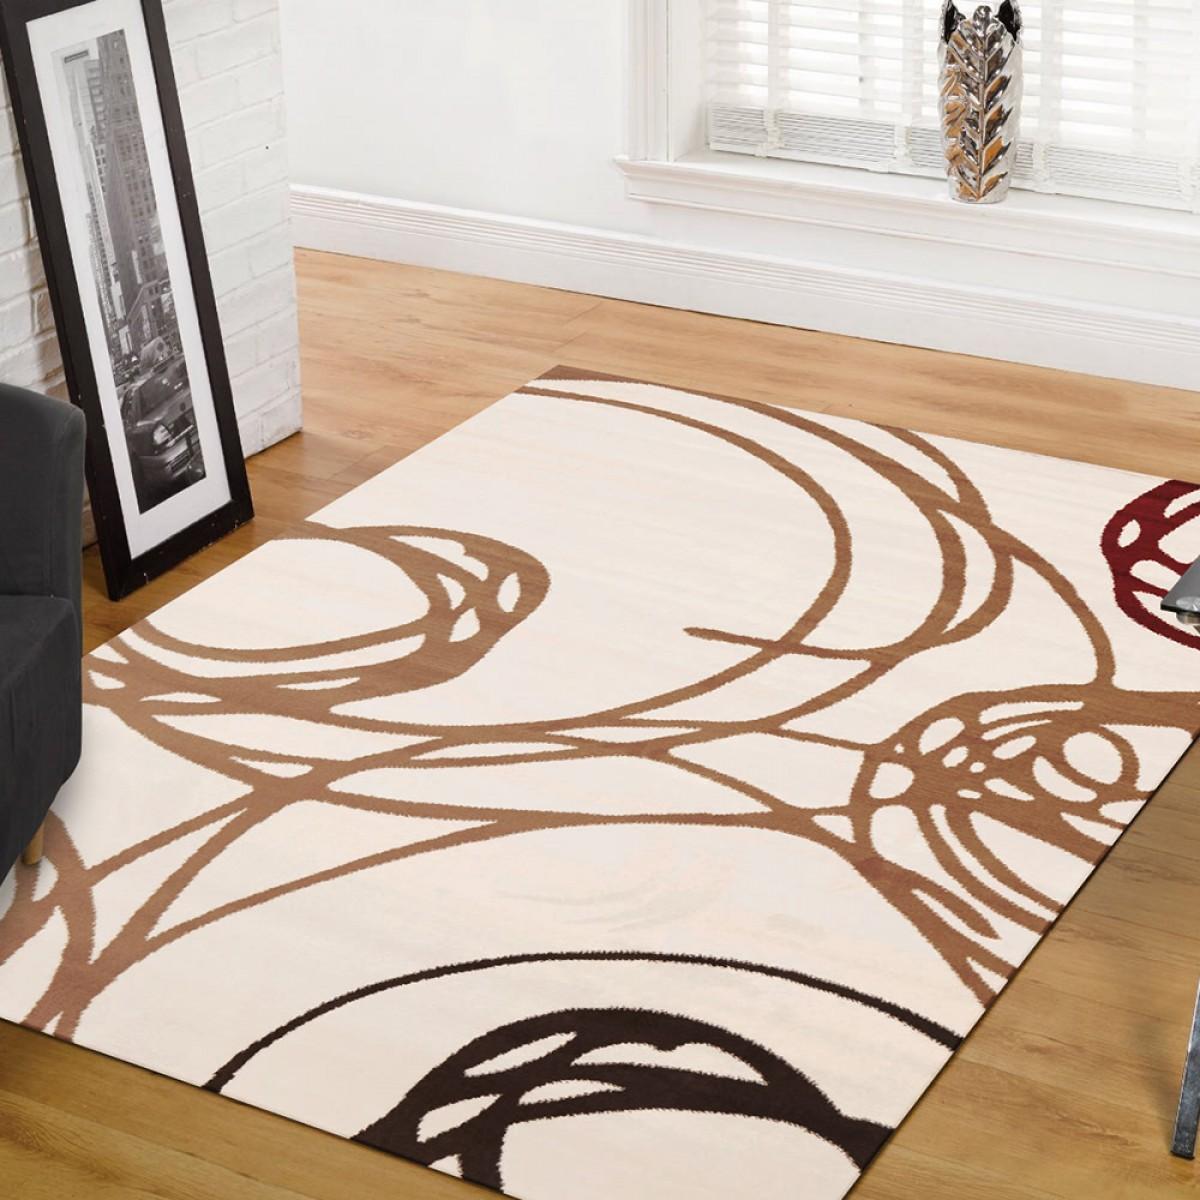 15 alfombras modernas dise os exclusivos - Alfombras de pasillo modernas ...